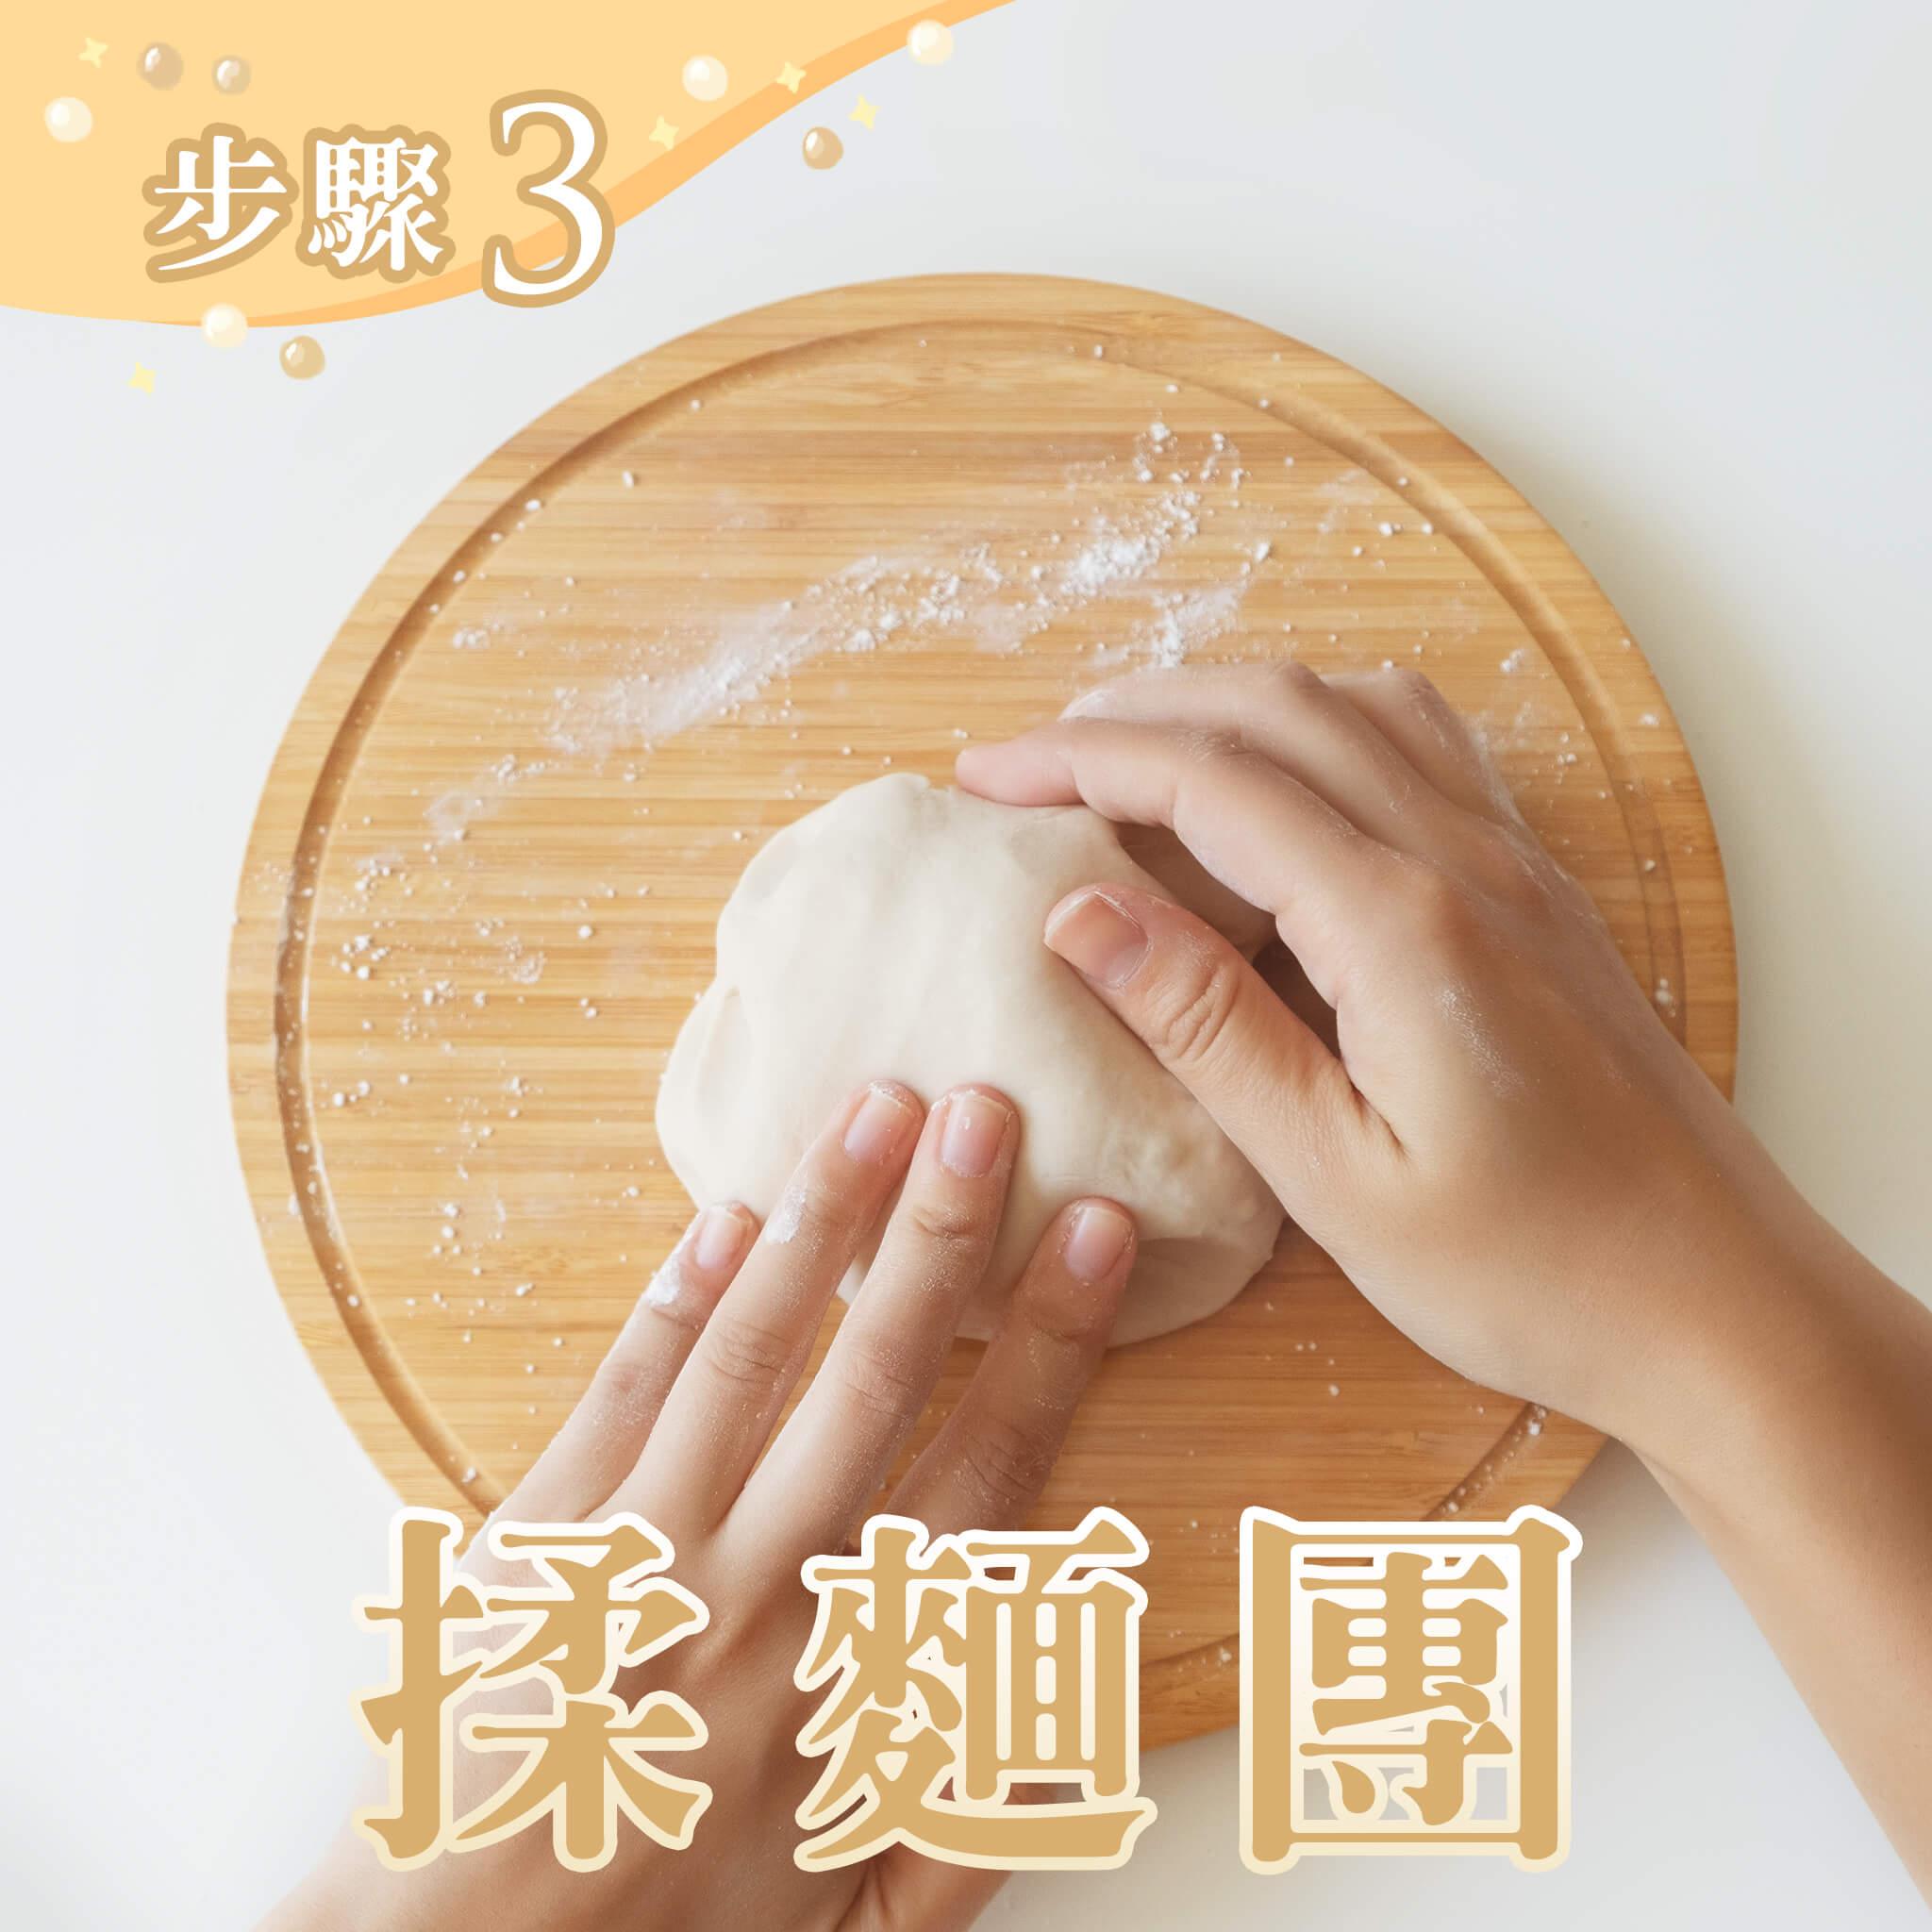 將麵團切小塊後逐一搓成圓